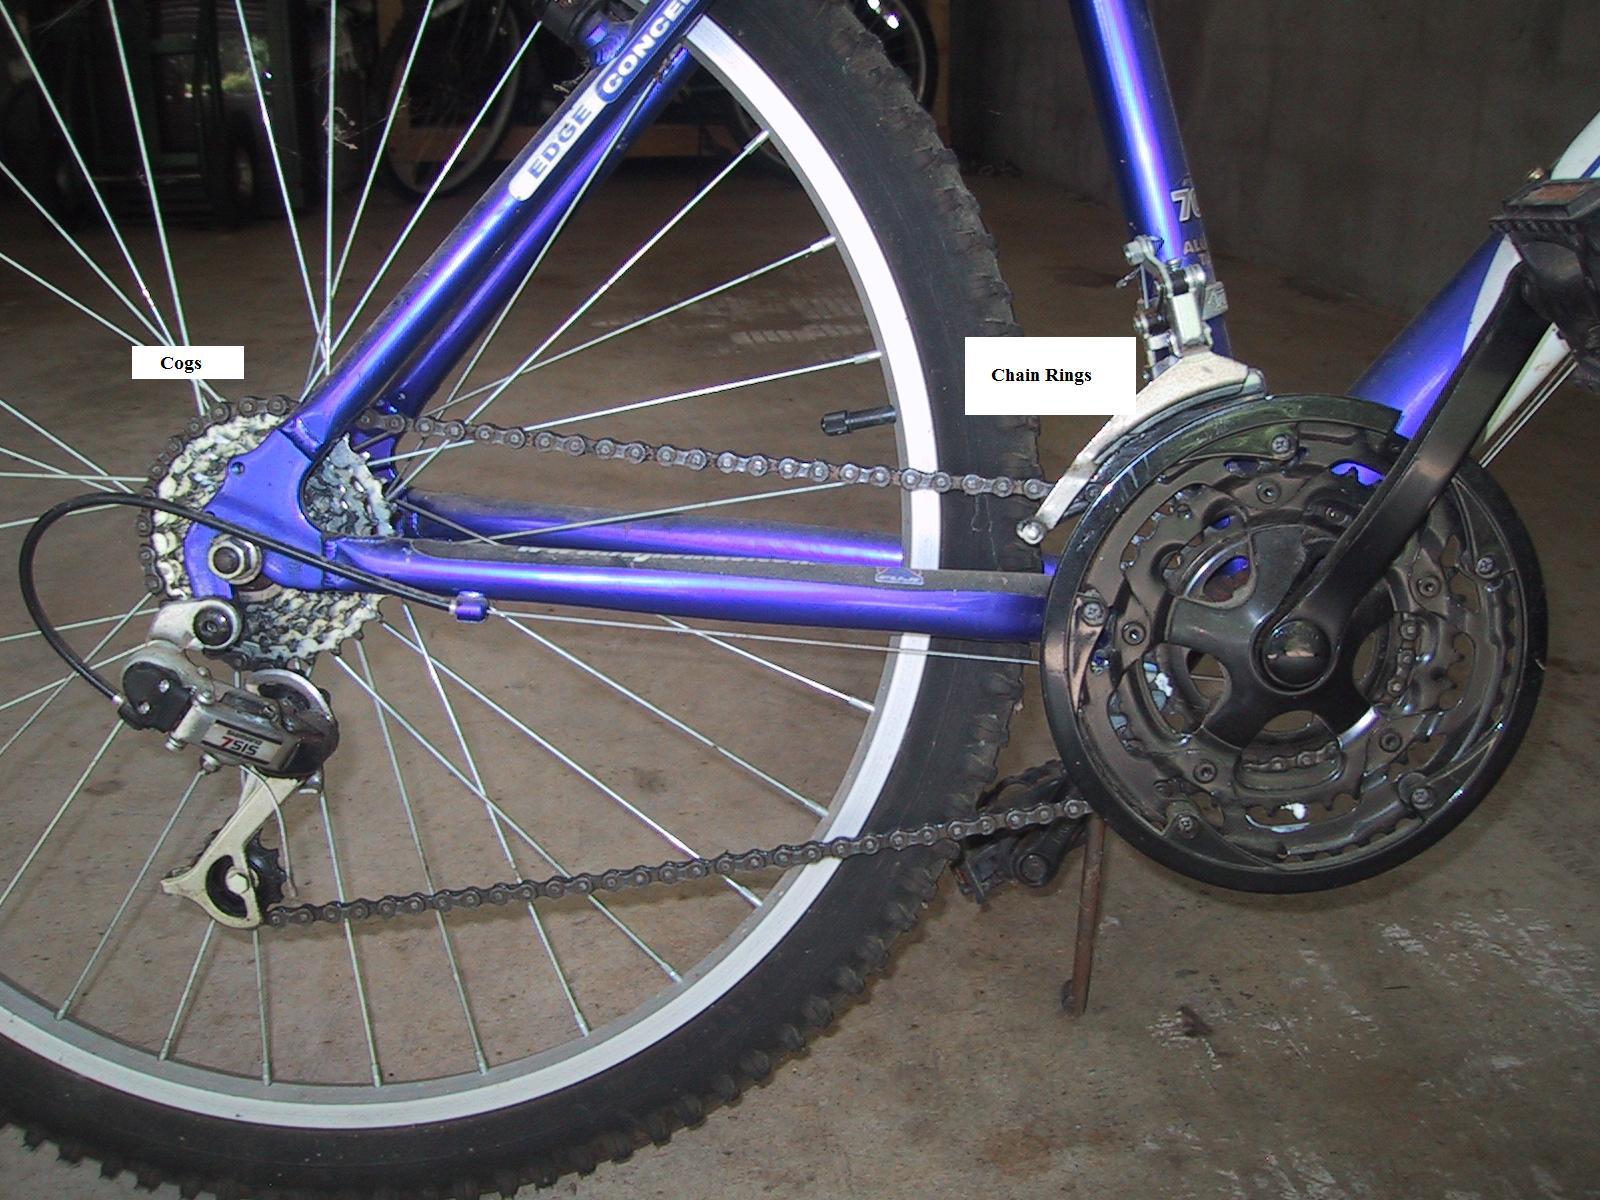 Bike Gears Beginners Biking Gear For Beginners Img